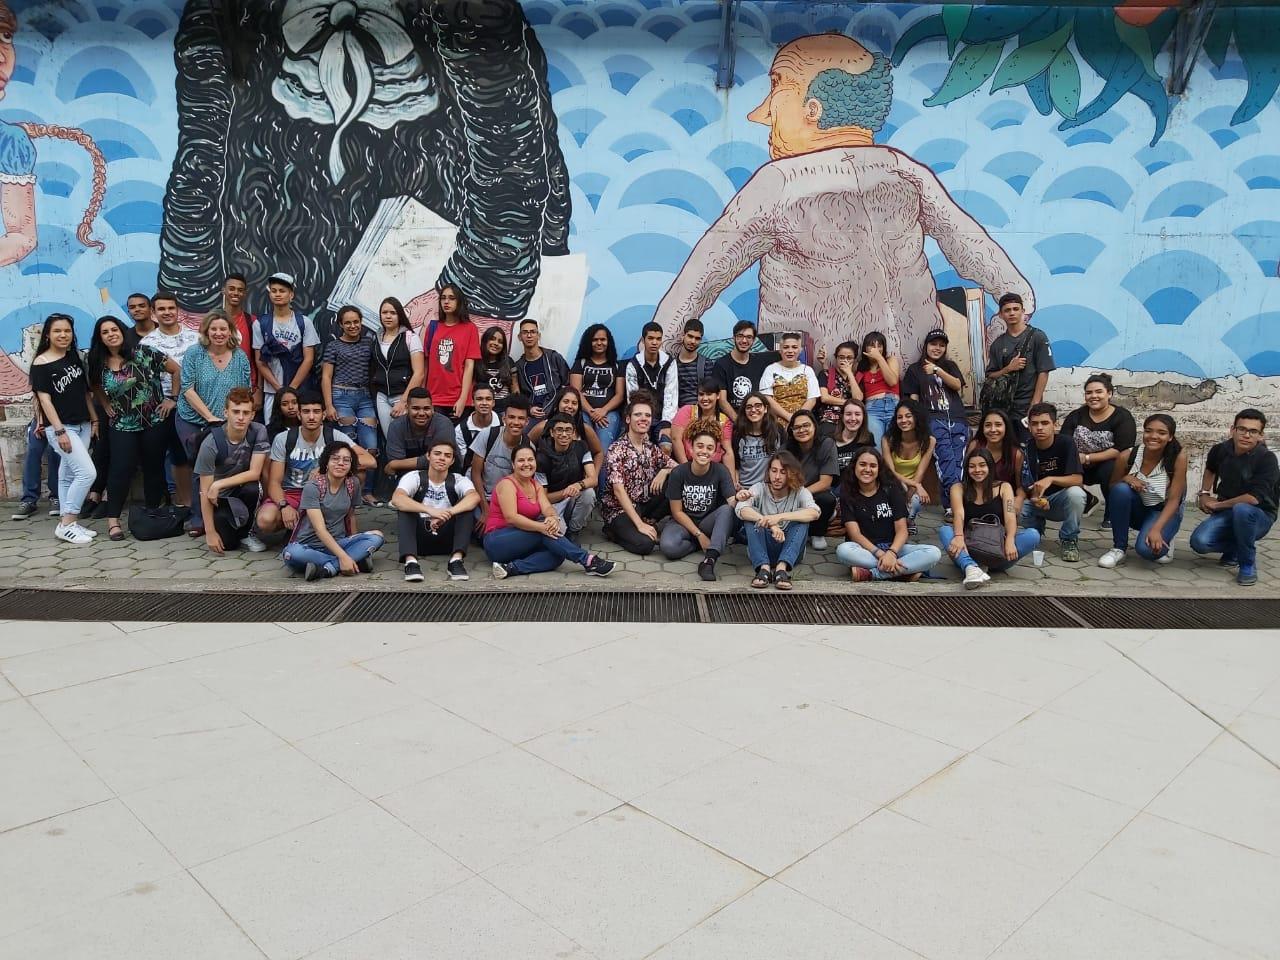 Núcleo em Guarulhos promove interface entre ensino formal e educação popular